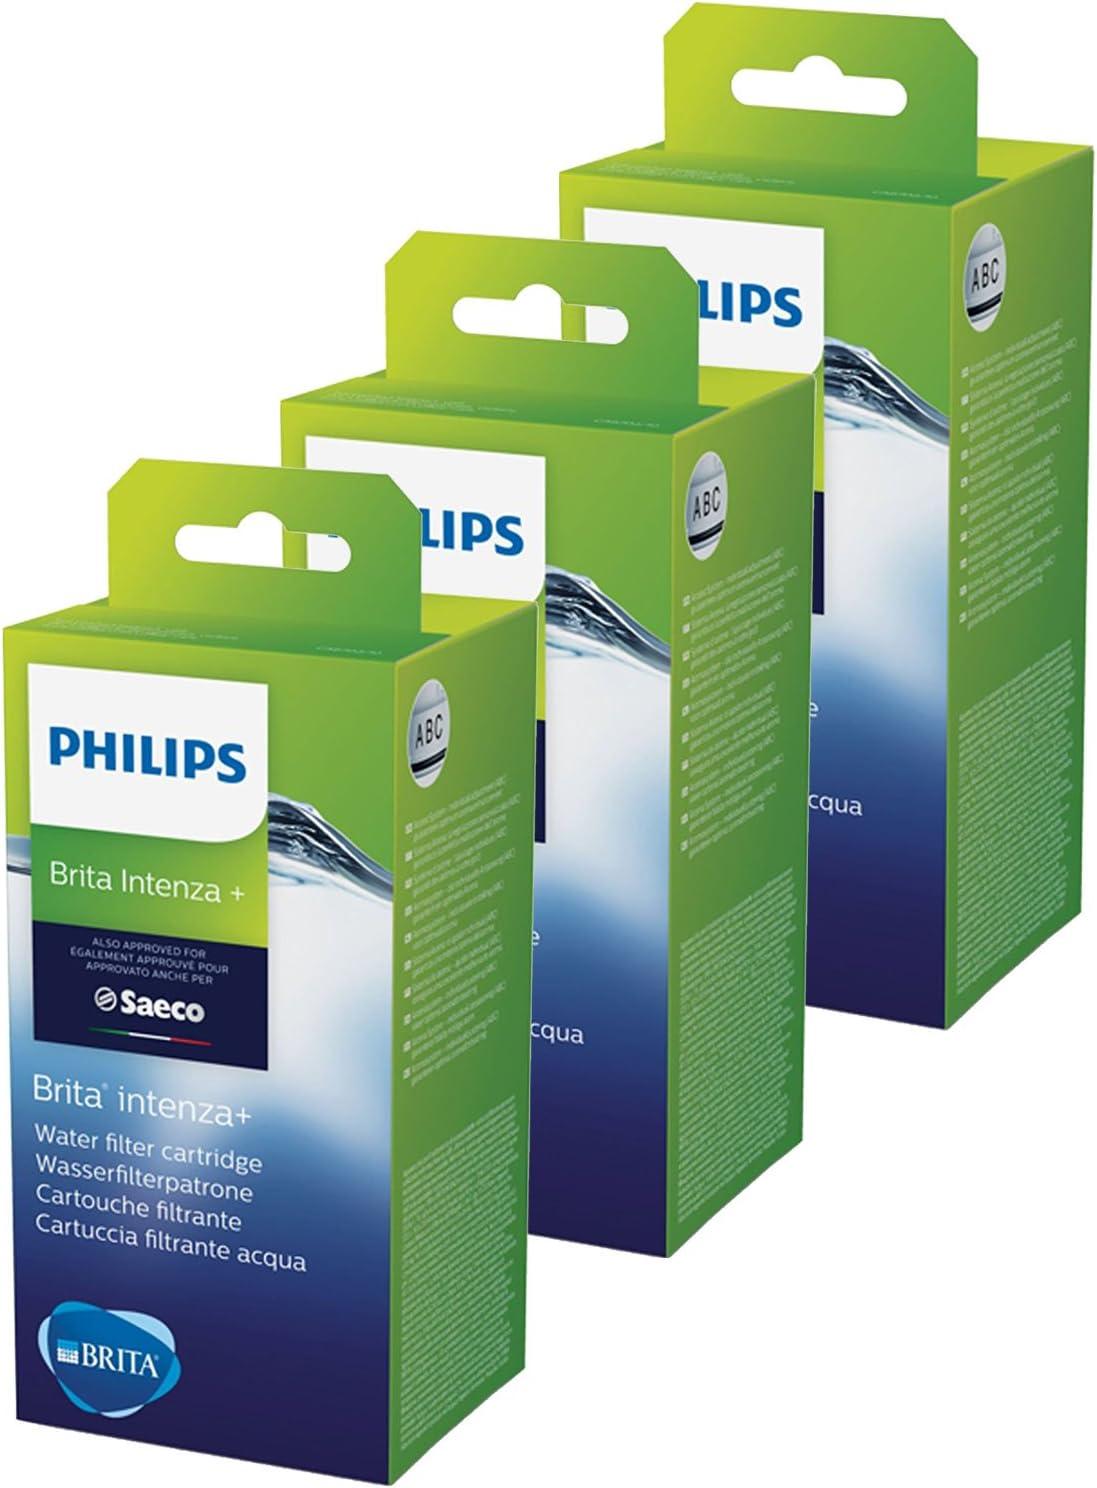 Wasserfilter AT wie Saeco Intenza für Kaffeemaschinen Philips Saeco und baugl.